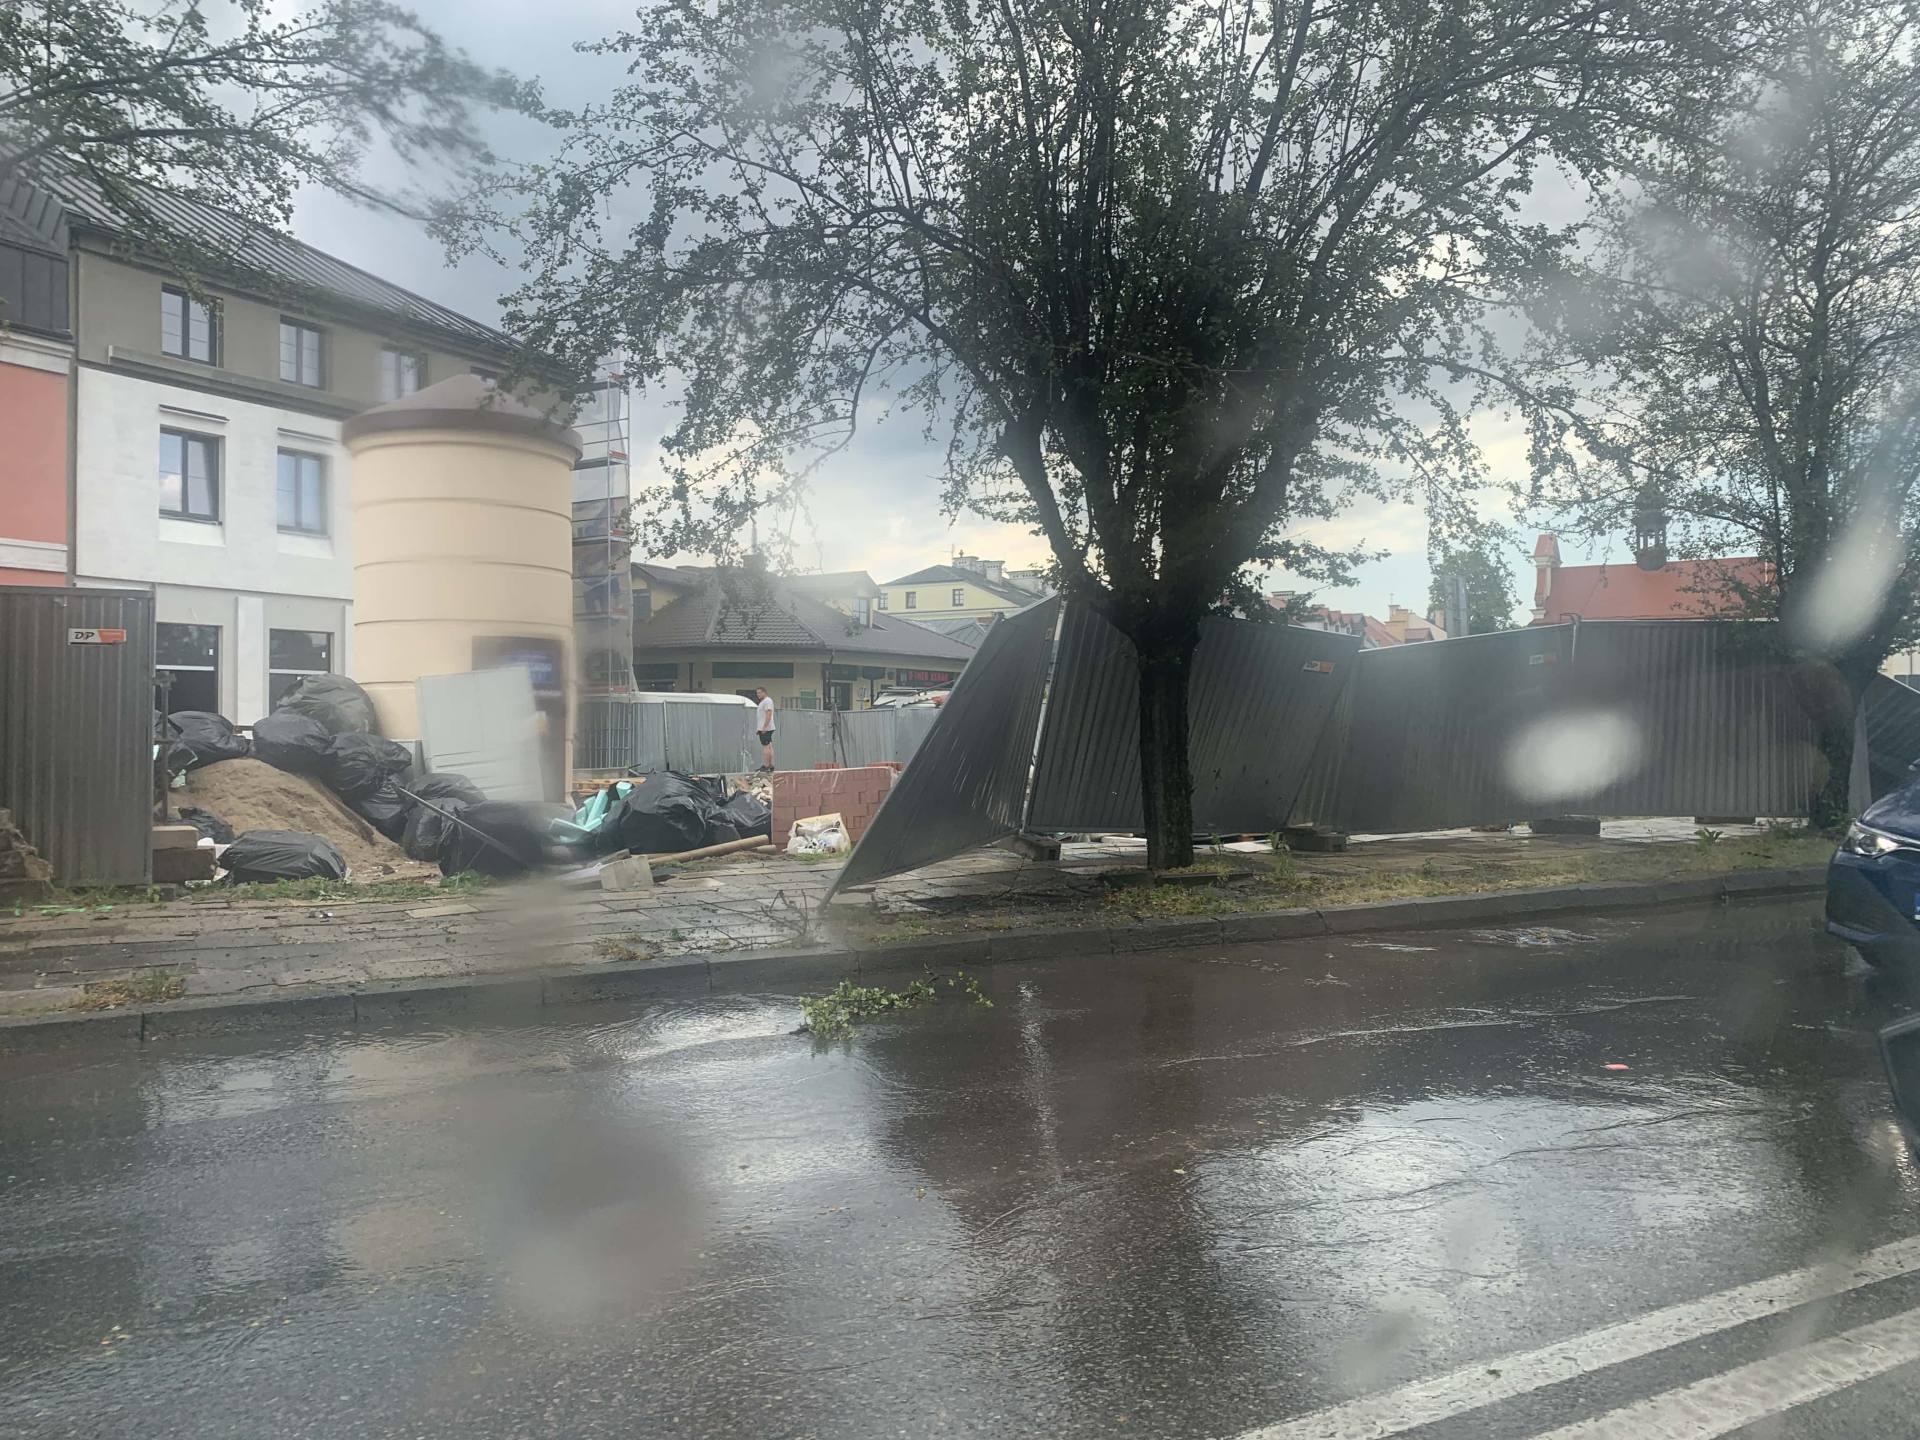 img 0940 Zerwane dachy, połamane drzewa, uszkodzone samochody. Straty po burzy, która przeszła nad Zamojszczyzną